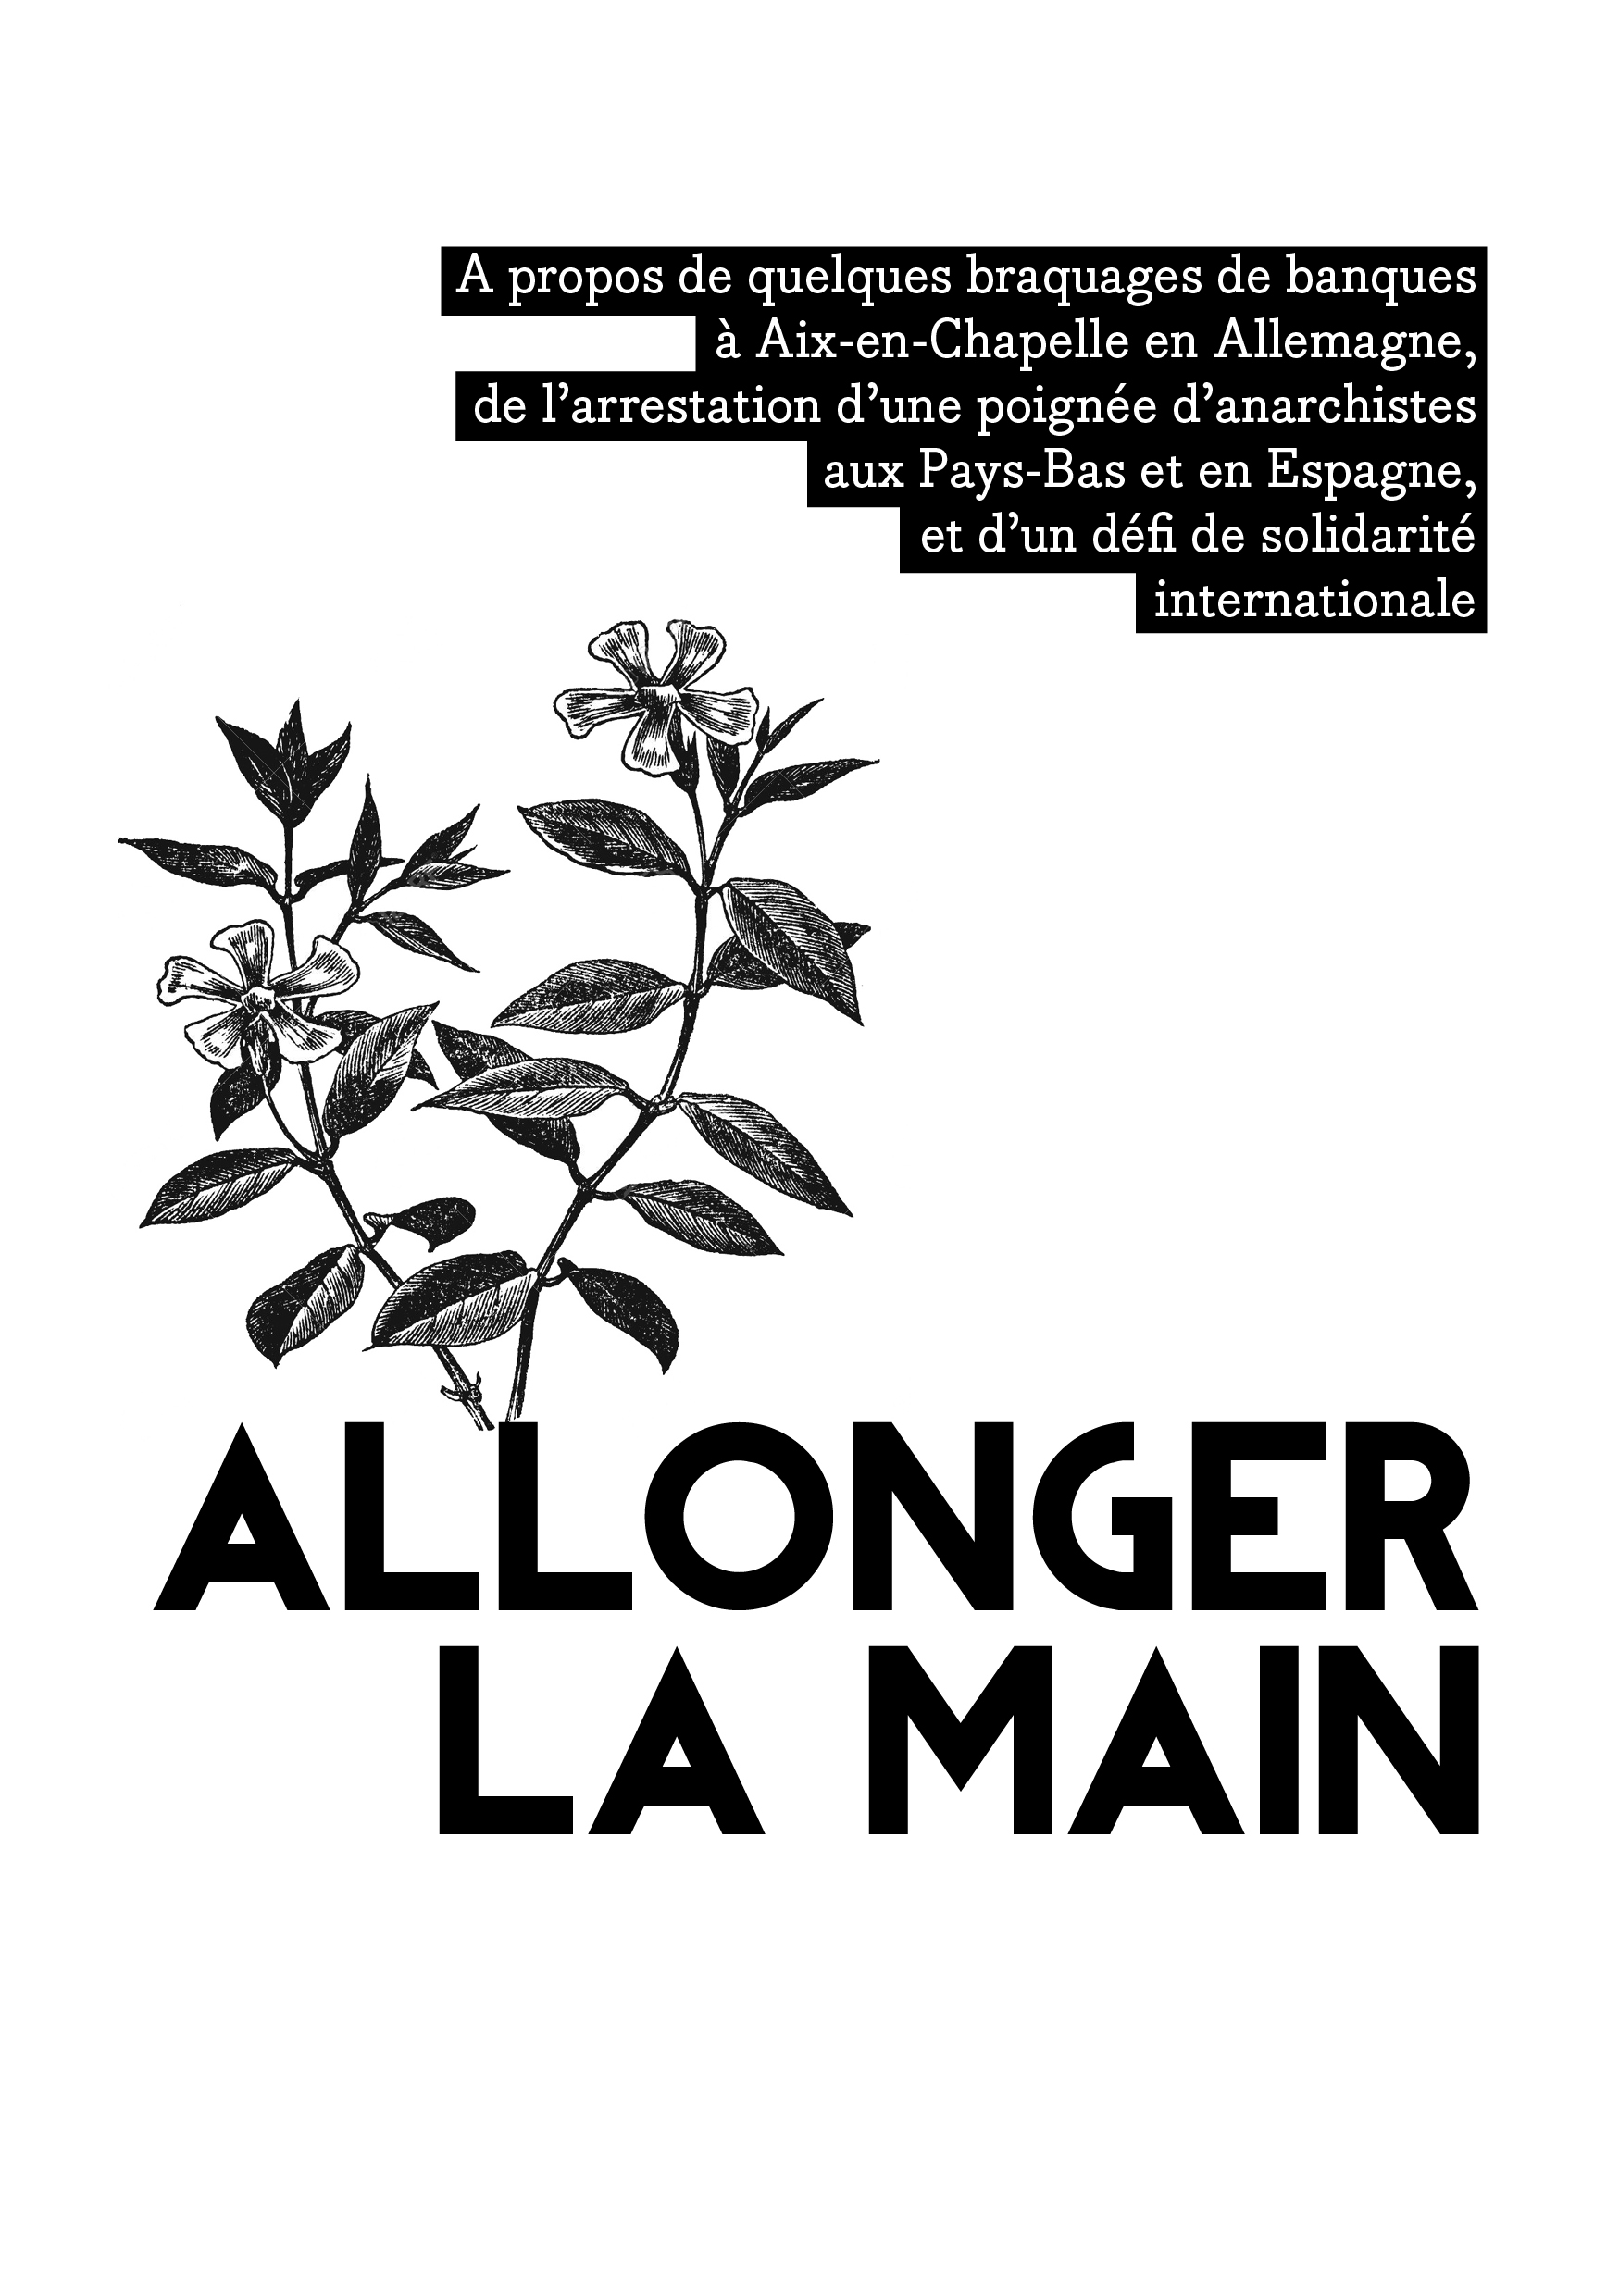 allonger_la_main